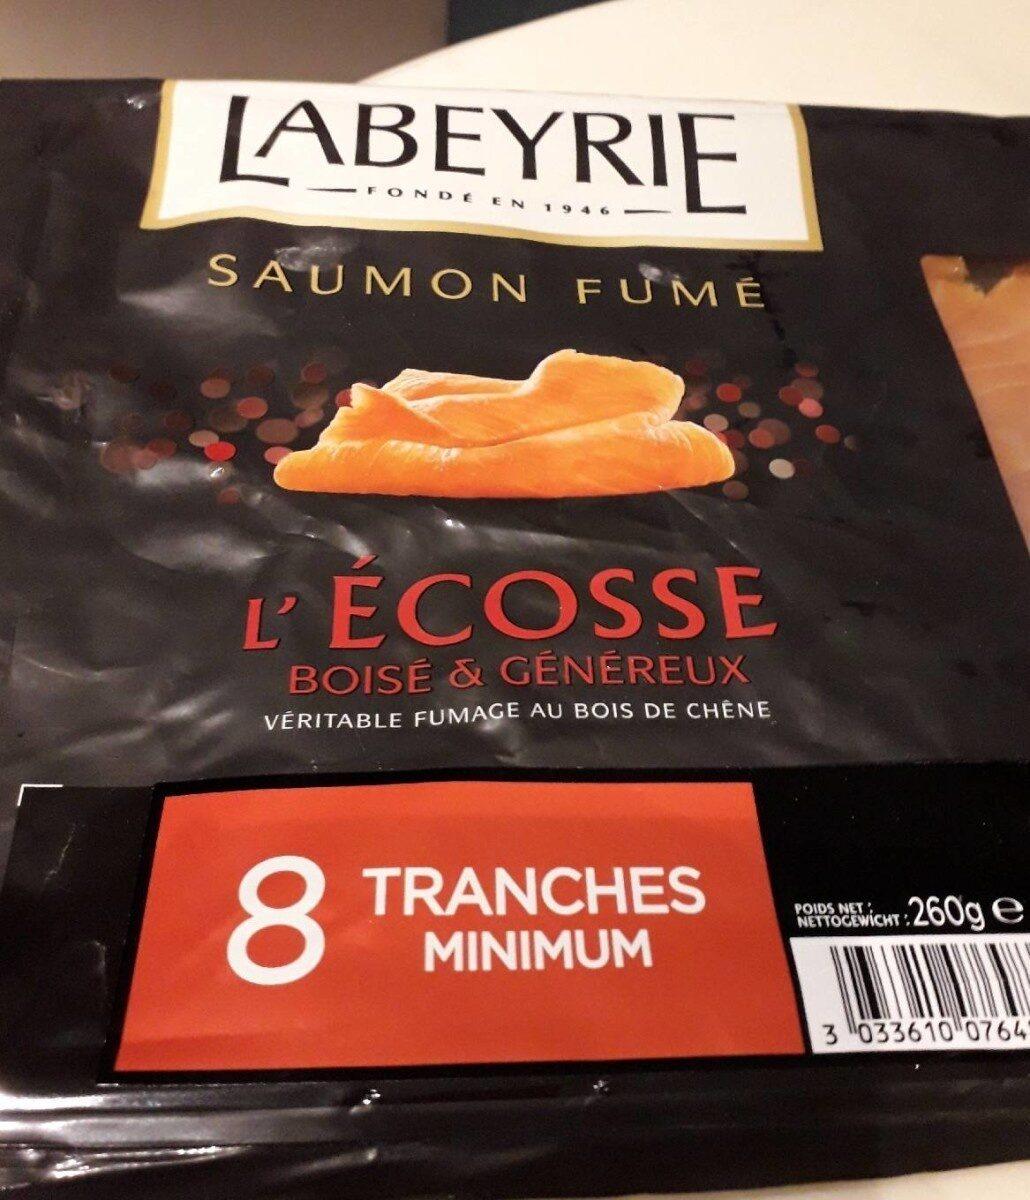 Saumon fumé l'ecosse boisé et généreux - Product - fr